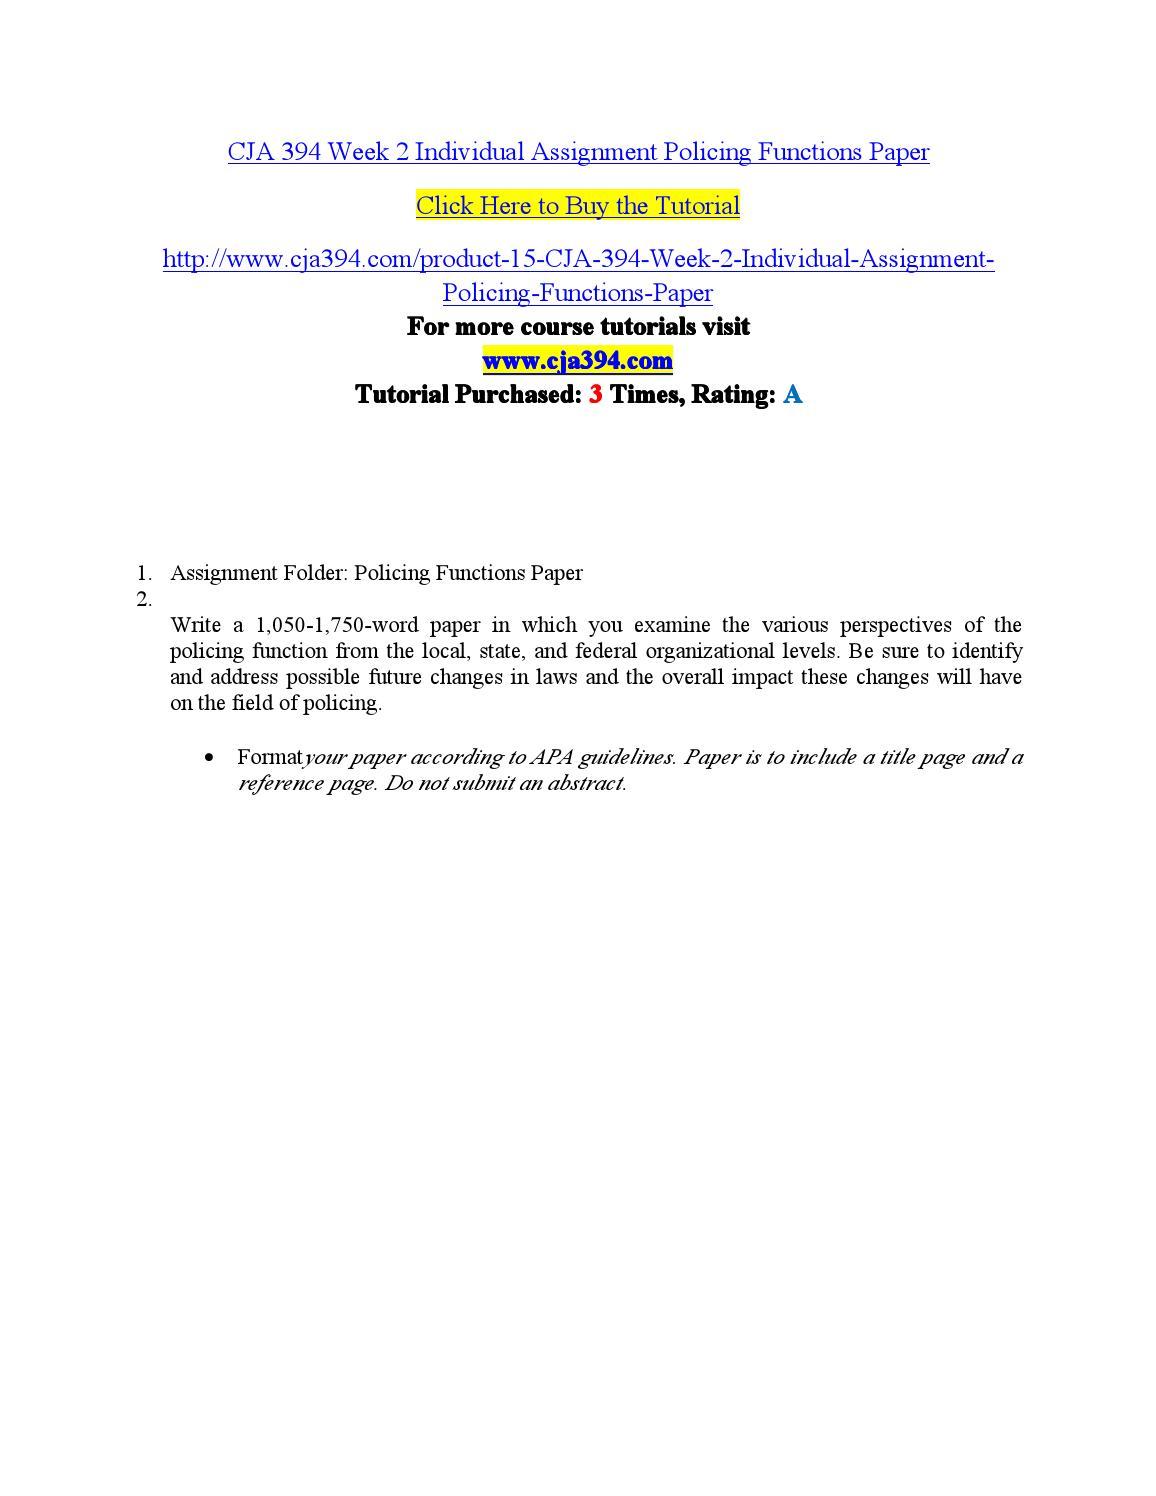 cja 394 policing functions paper Cja 394 cja\394 week 2 policing functions paper related.